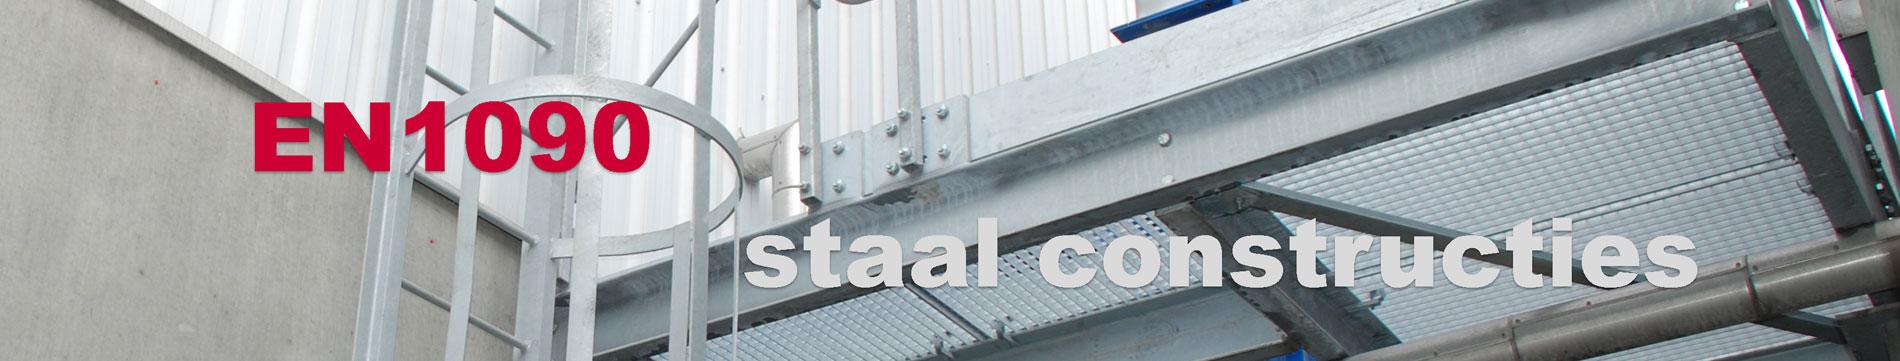 EN1090 staalconstructies